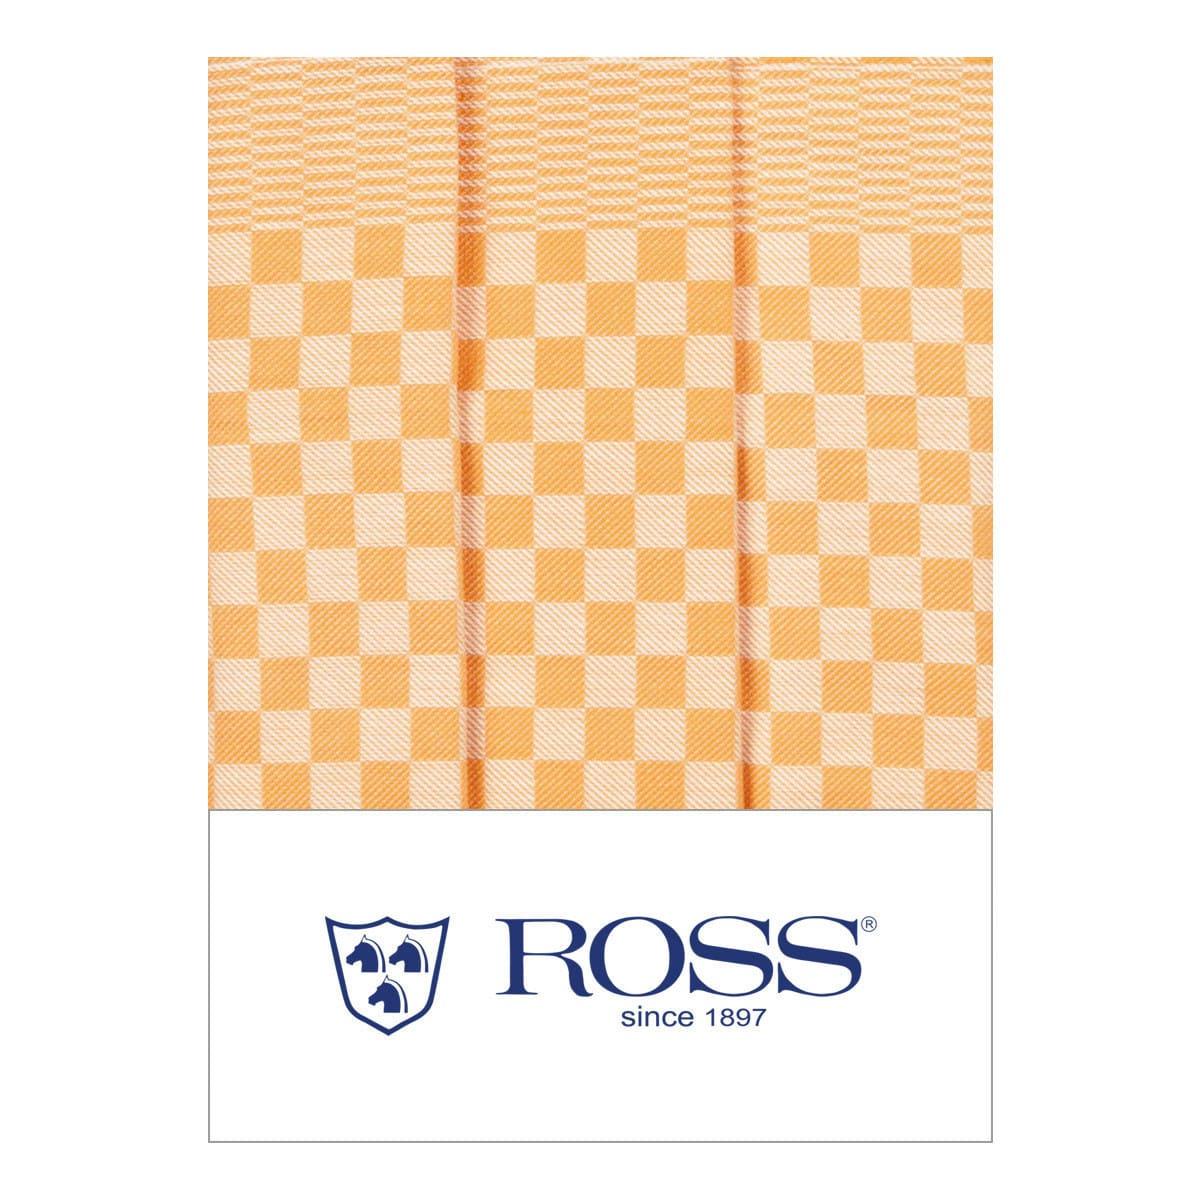 Ross 3er Pack Baumwoll-Geschirrtücher Gebild gelb